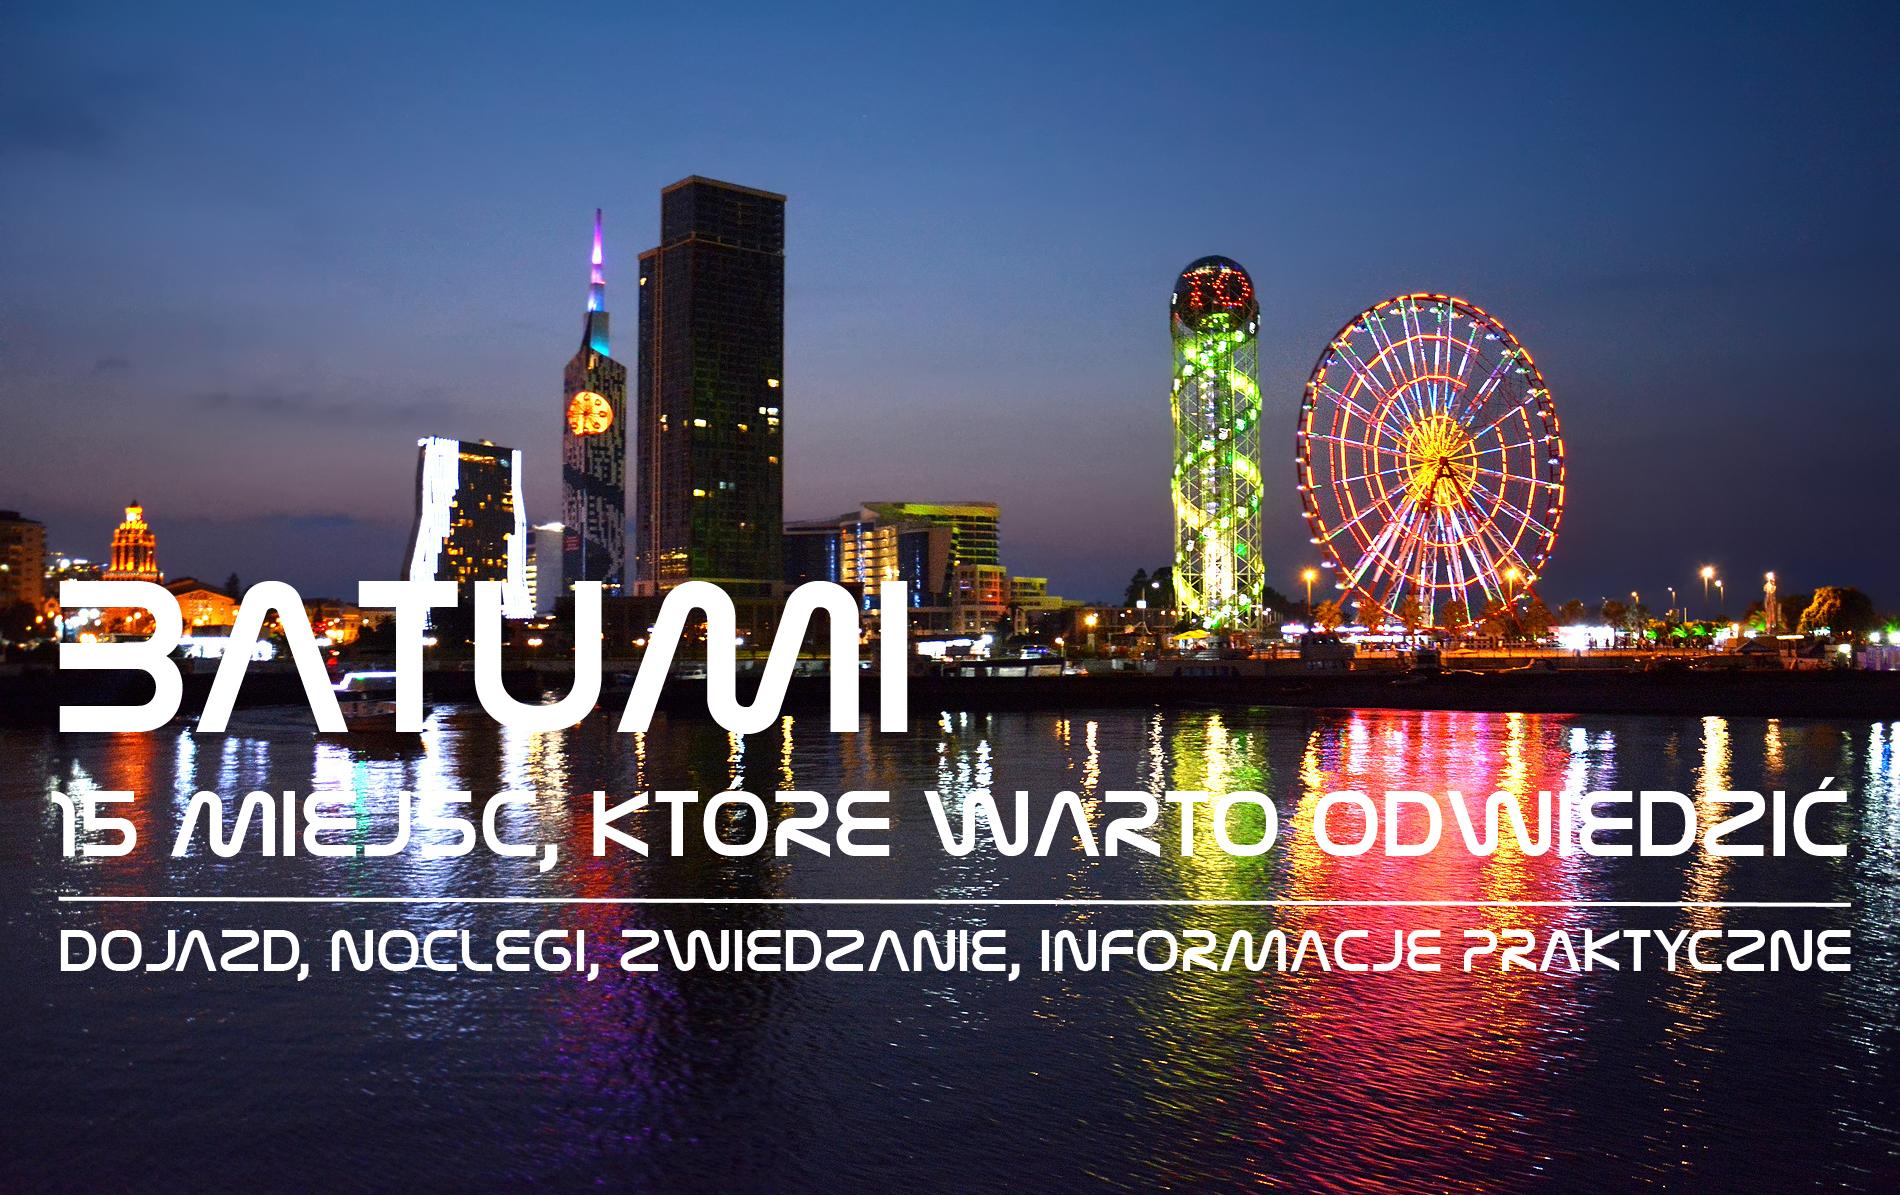 Batumi – 15 miejsc, które warto odwiedzić | dojazd, noclegi, zwiedzanie, informacje praktyczne | interaktywne panoramy 360°